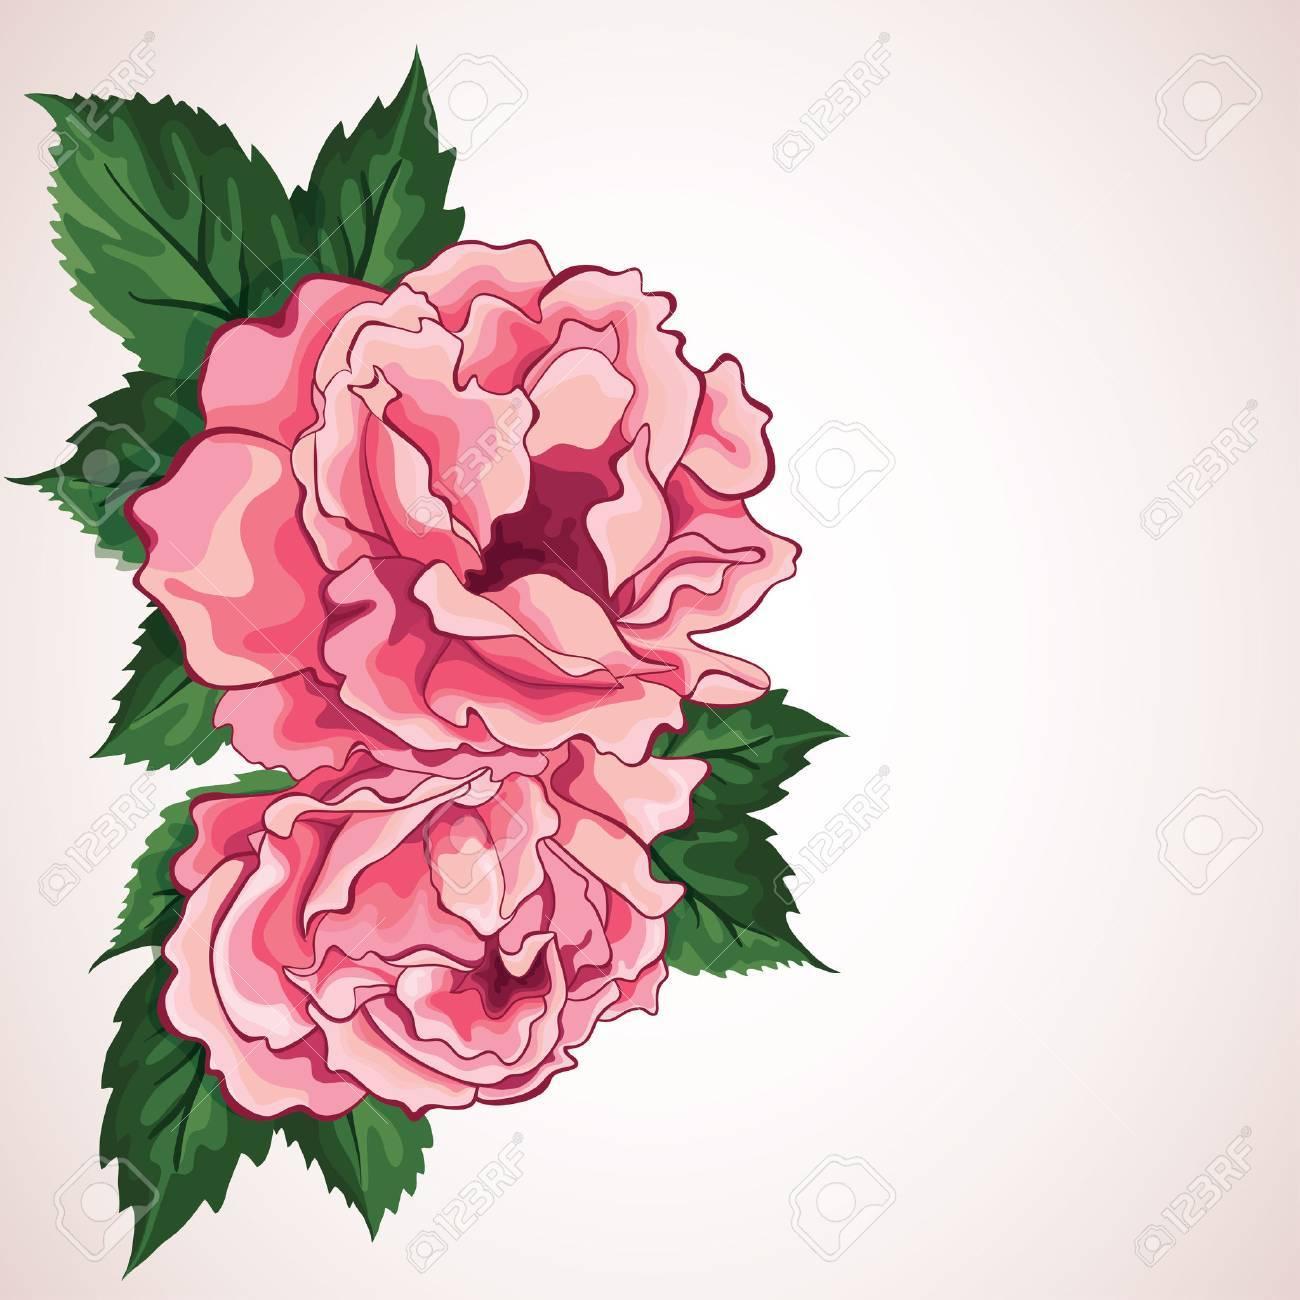 Belleza Peonía Tarjeta Invitación De Boda Por Día De La Madre